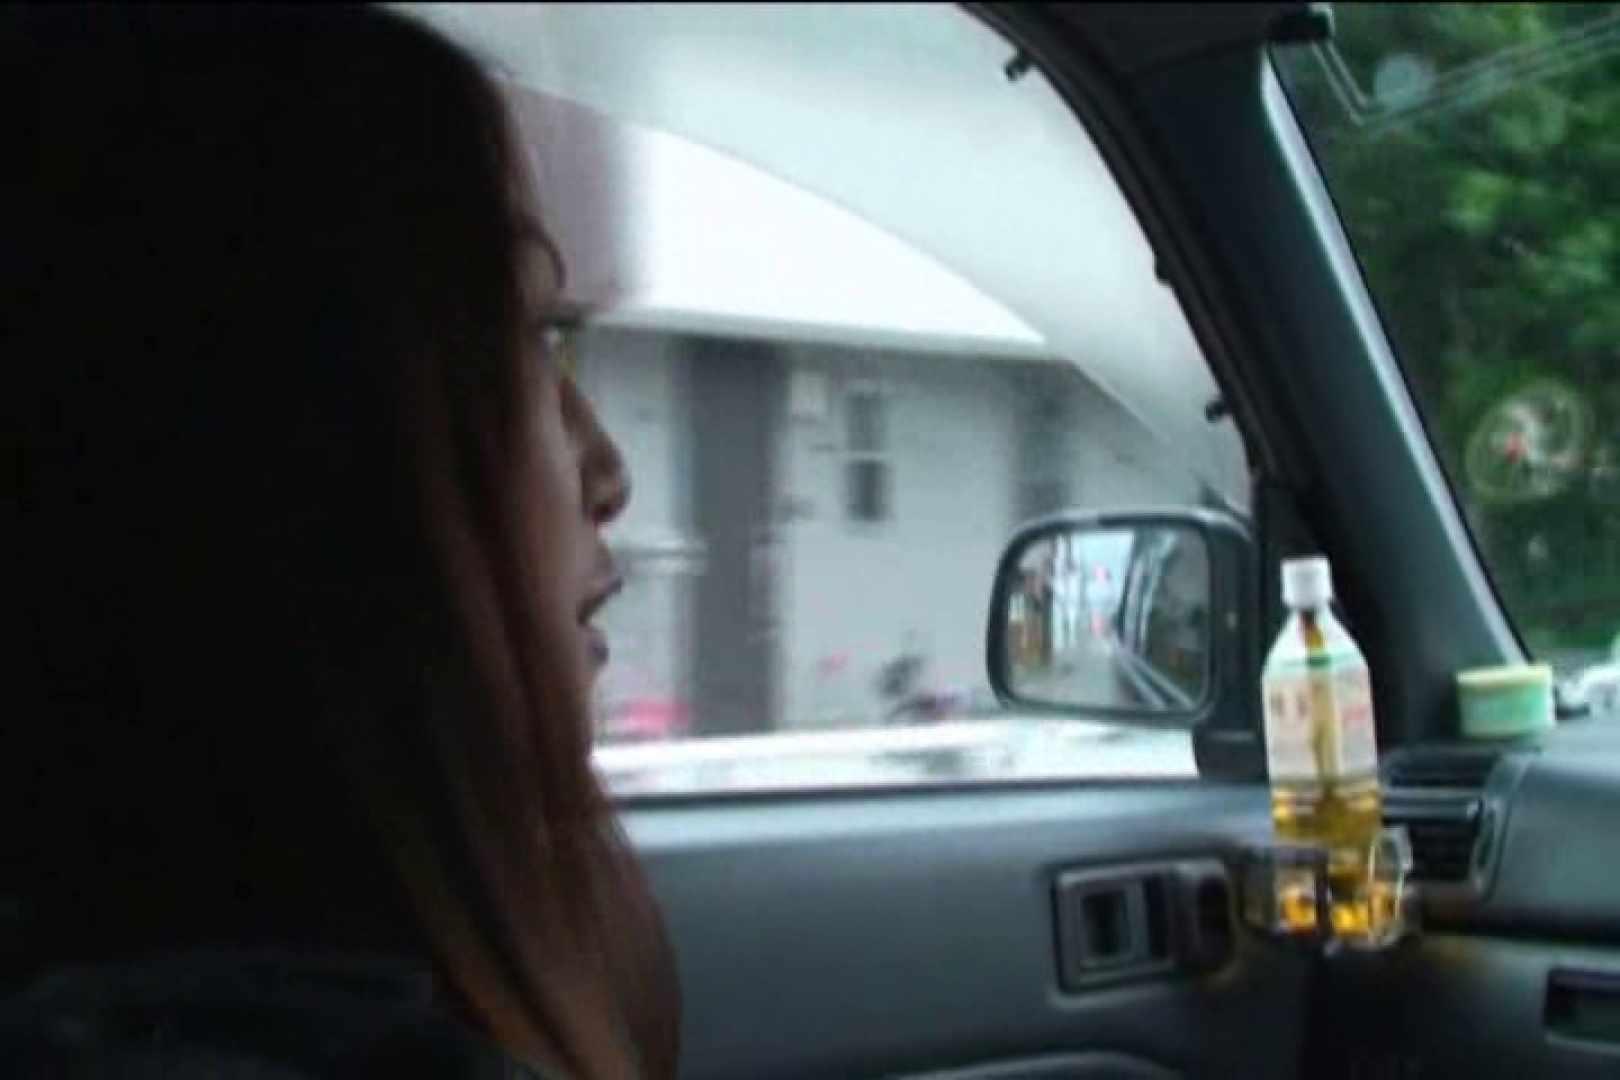 車内で初めまして! vol04 無修正オマンコ オメコ動画キャプチャ 71画像 17